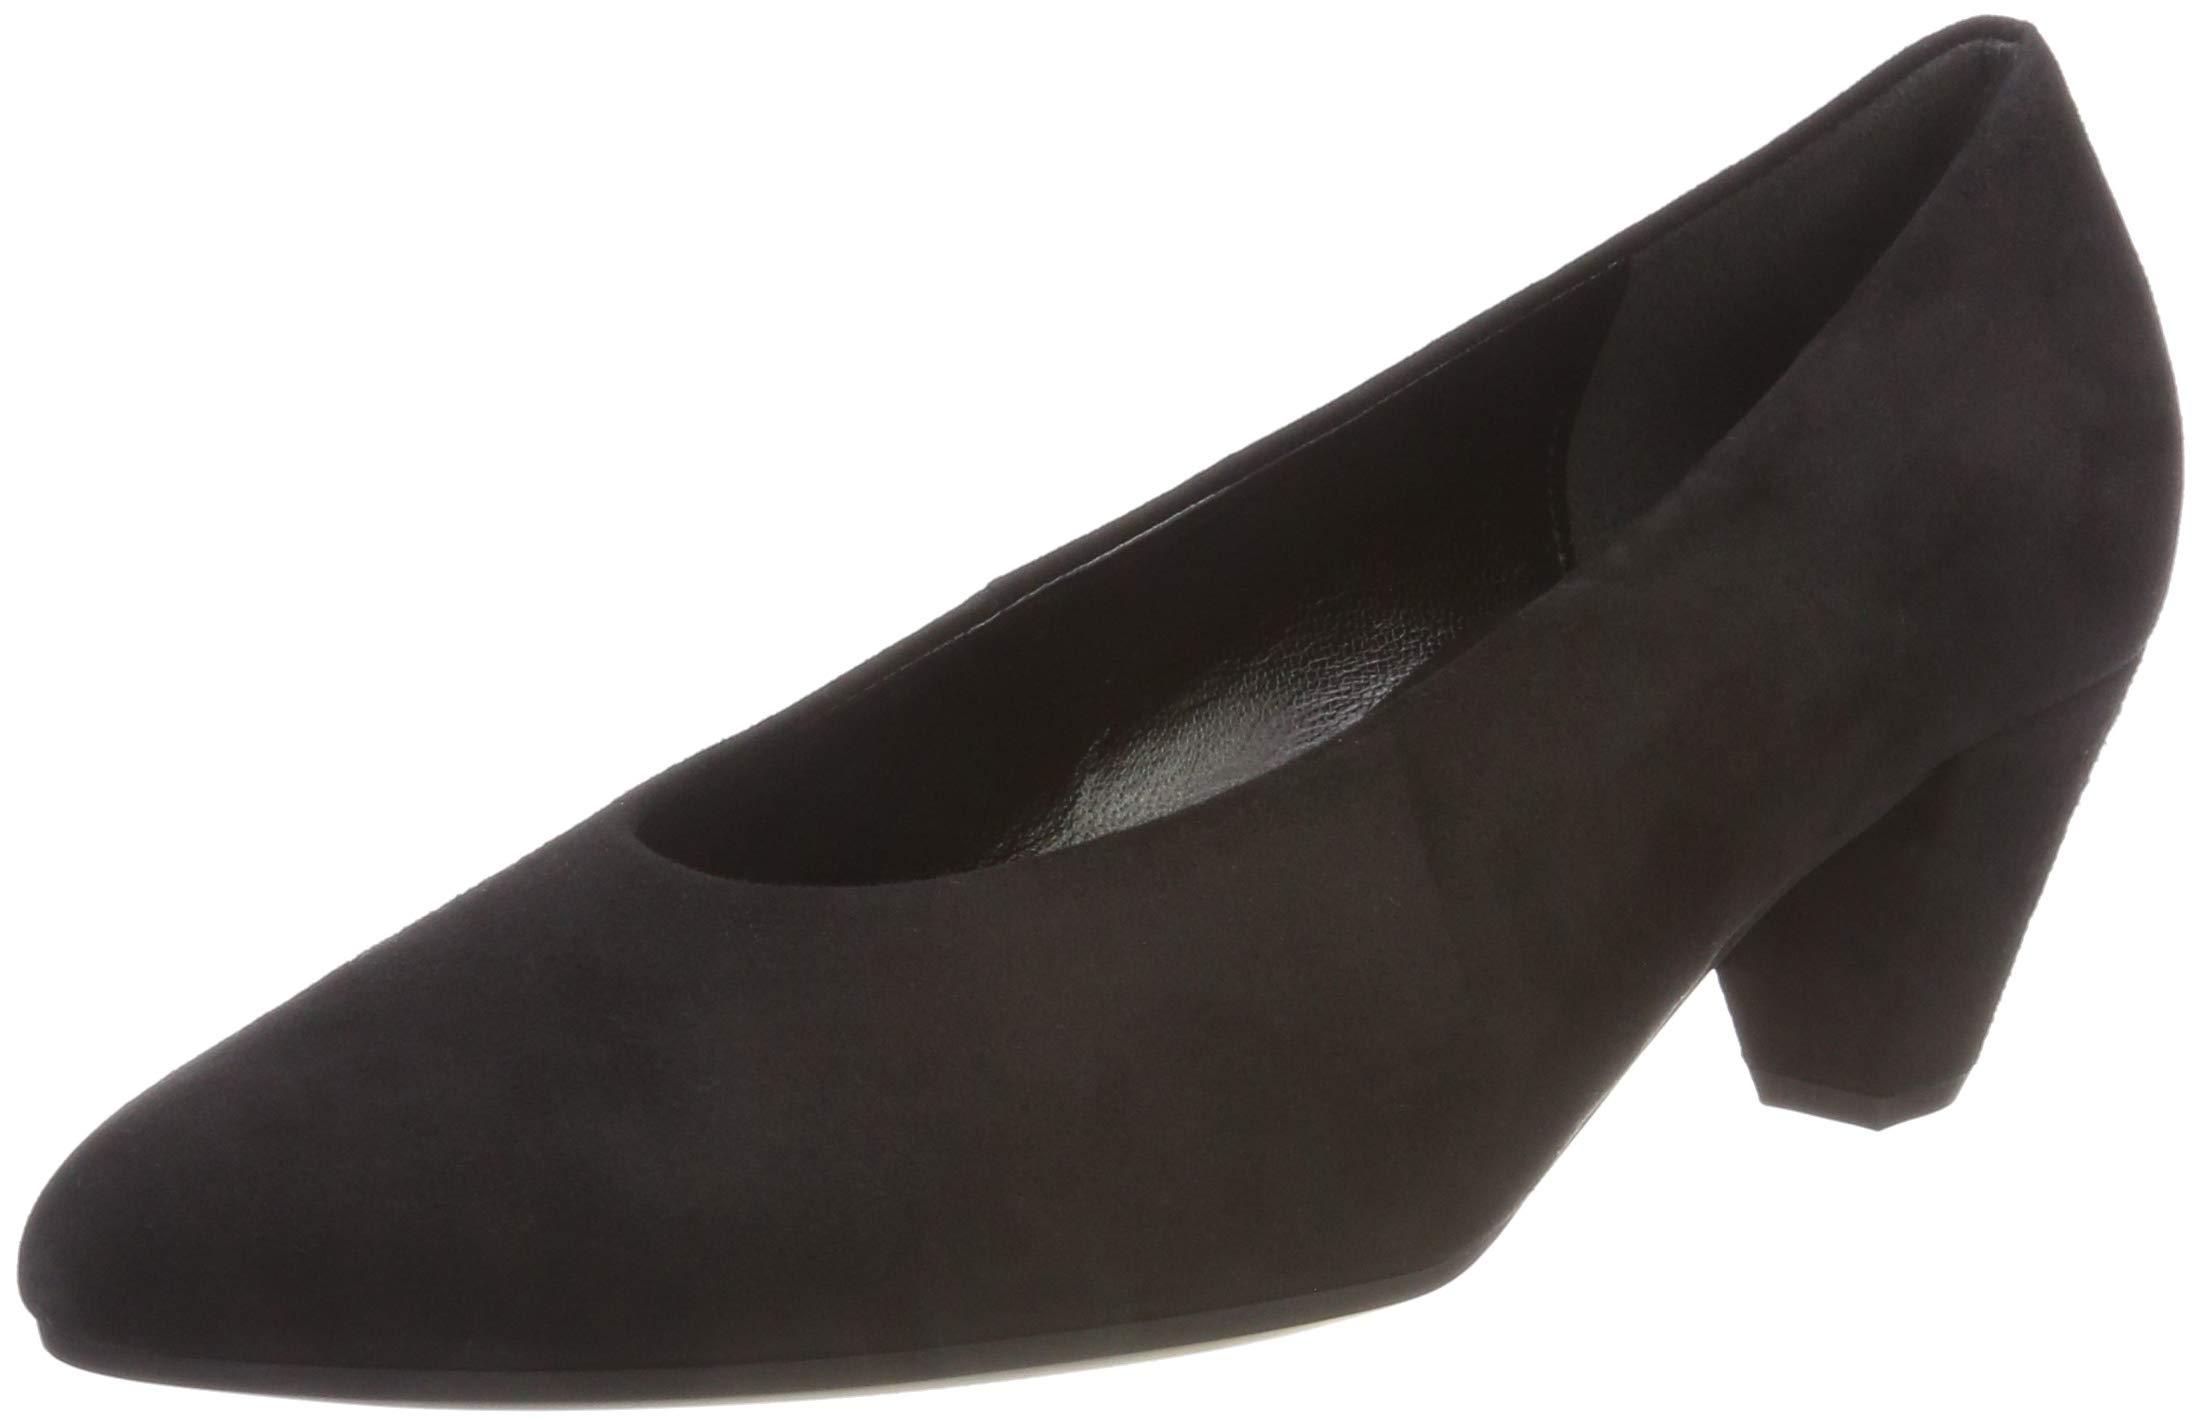 5 Gabor FemmeNoirschwarz Eu Shoes 1737 FashionEscarpins A5R43qjL